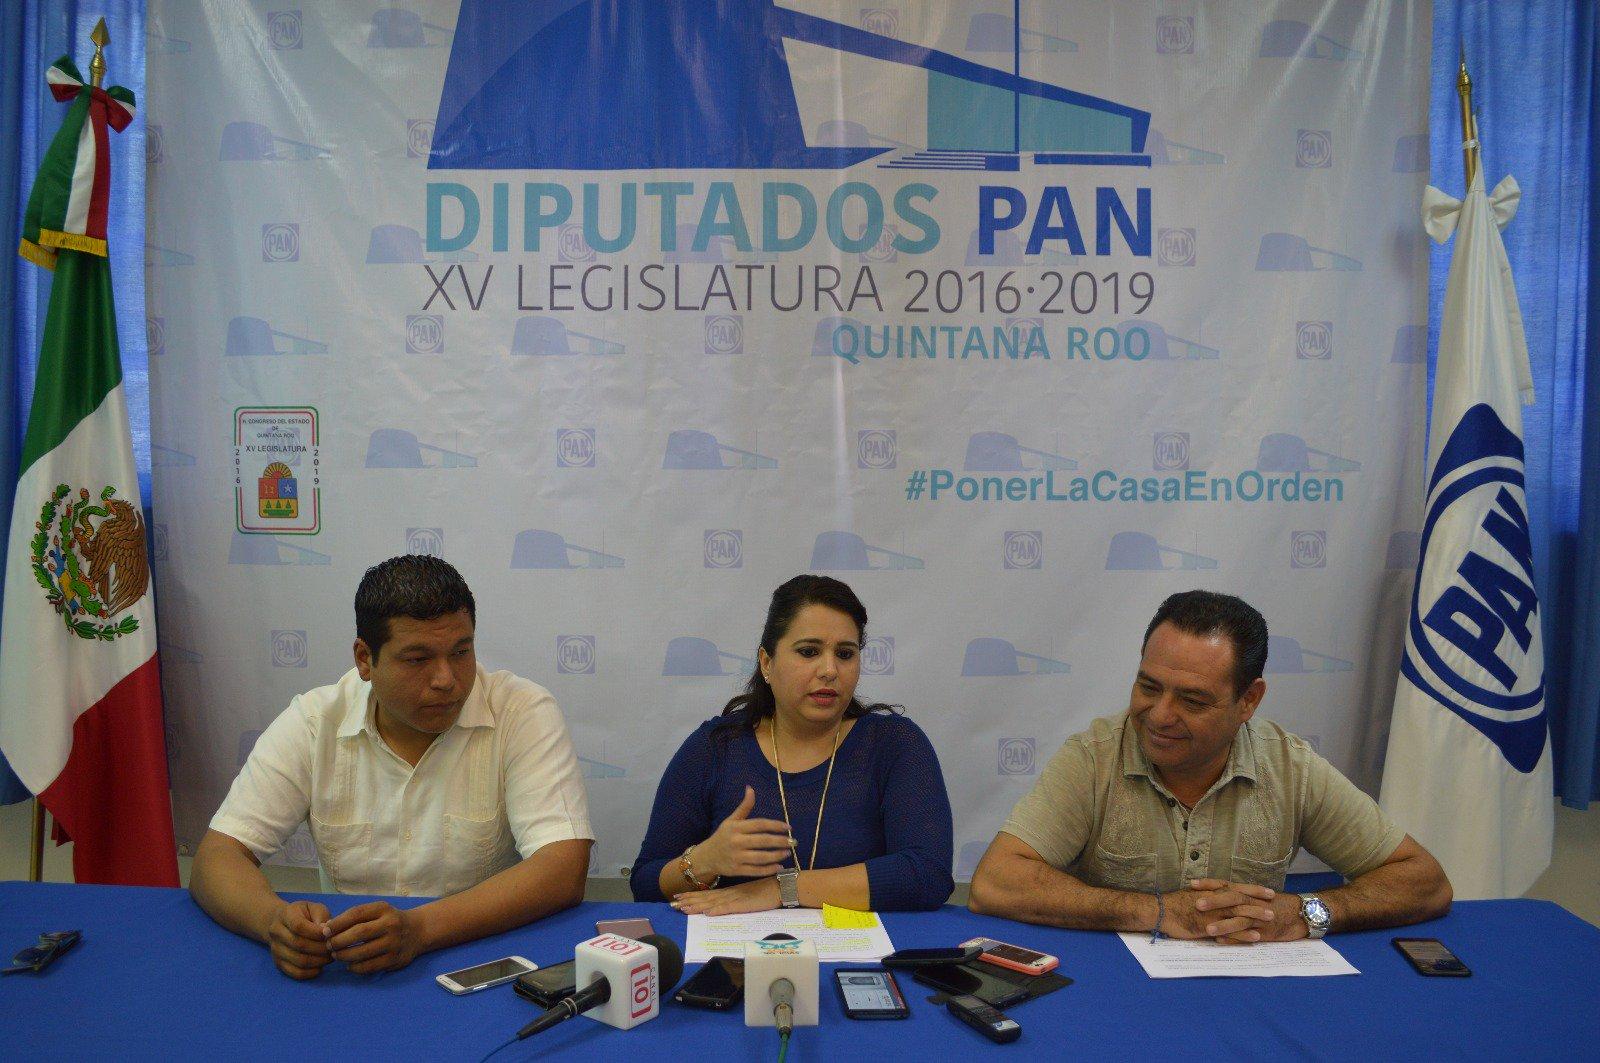 Conferencia de diputados del PAN. De izquierda a derecha: Fernando Zelaya, Mayuli Martínez y Jesús Zetina.